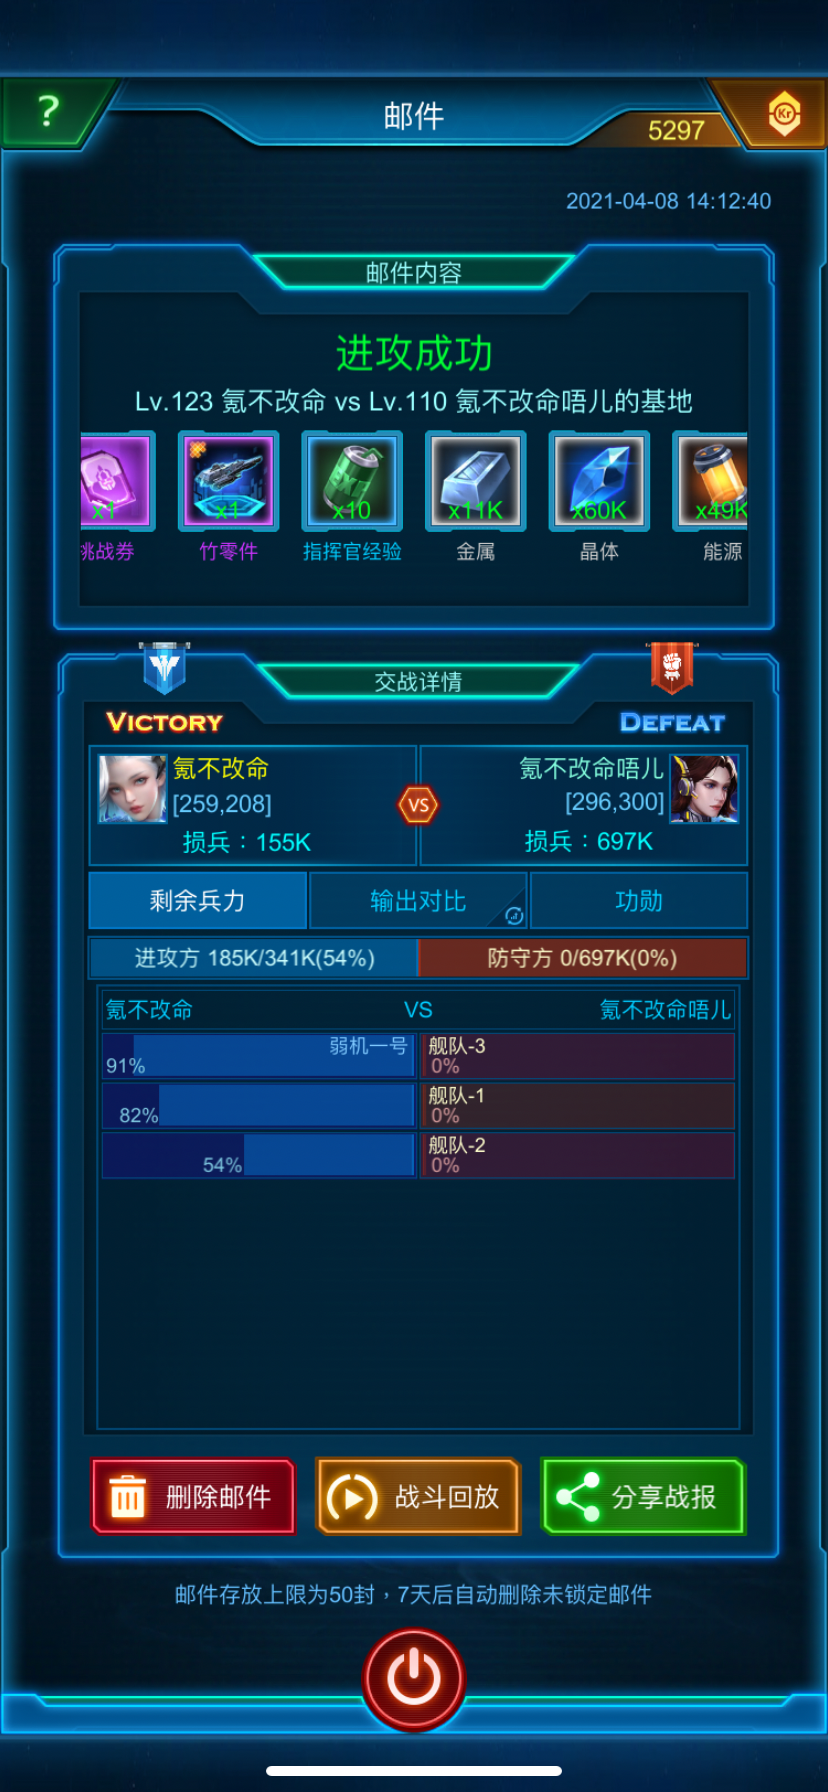 C7317380-10D8-4BA6-9064-3D26AF315F04.png